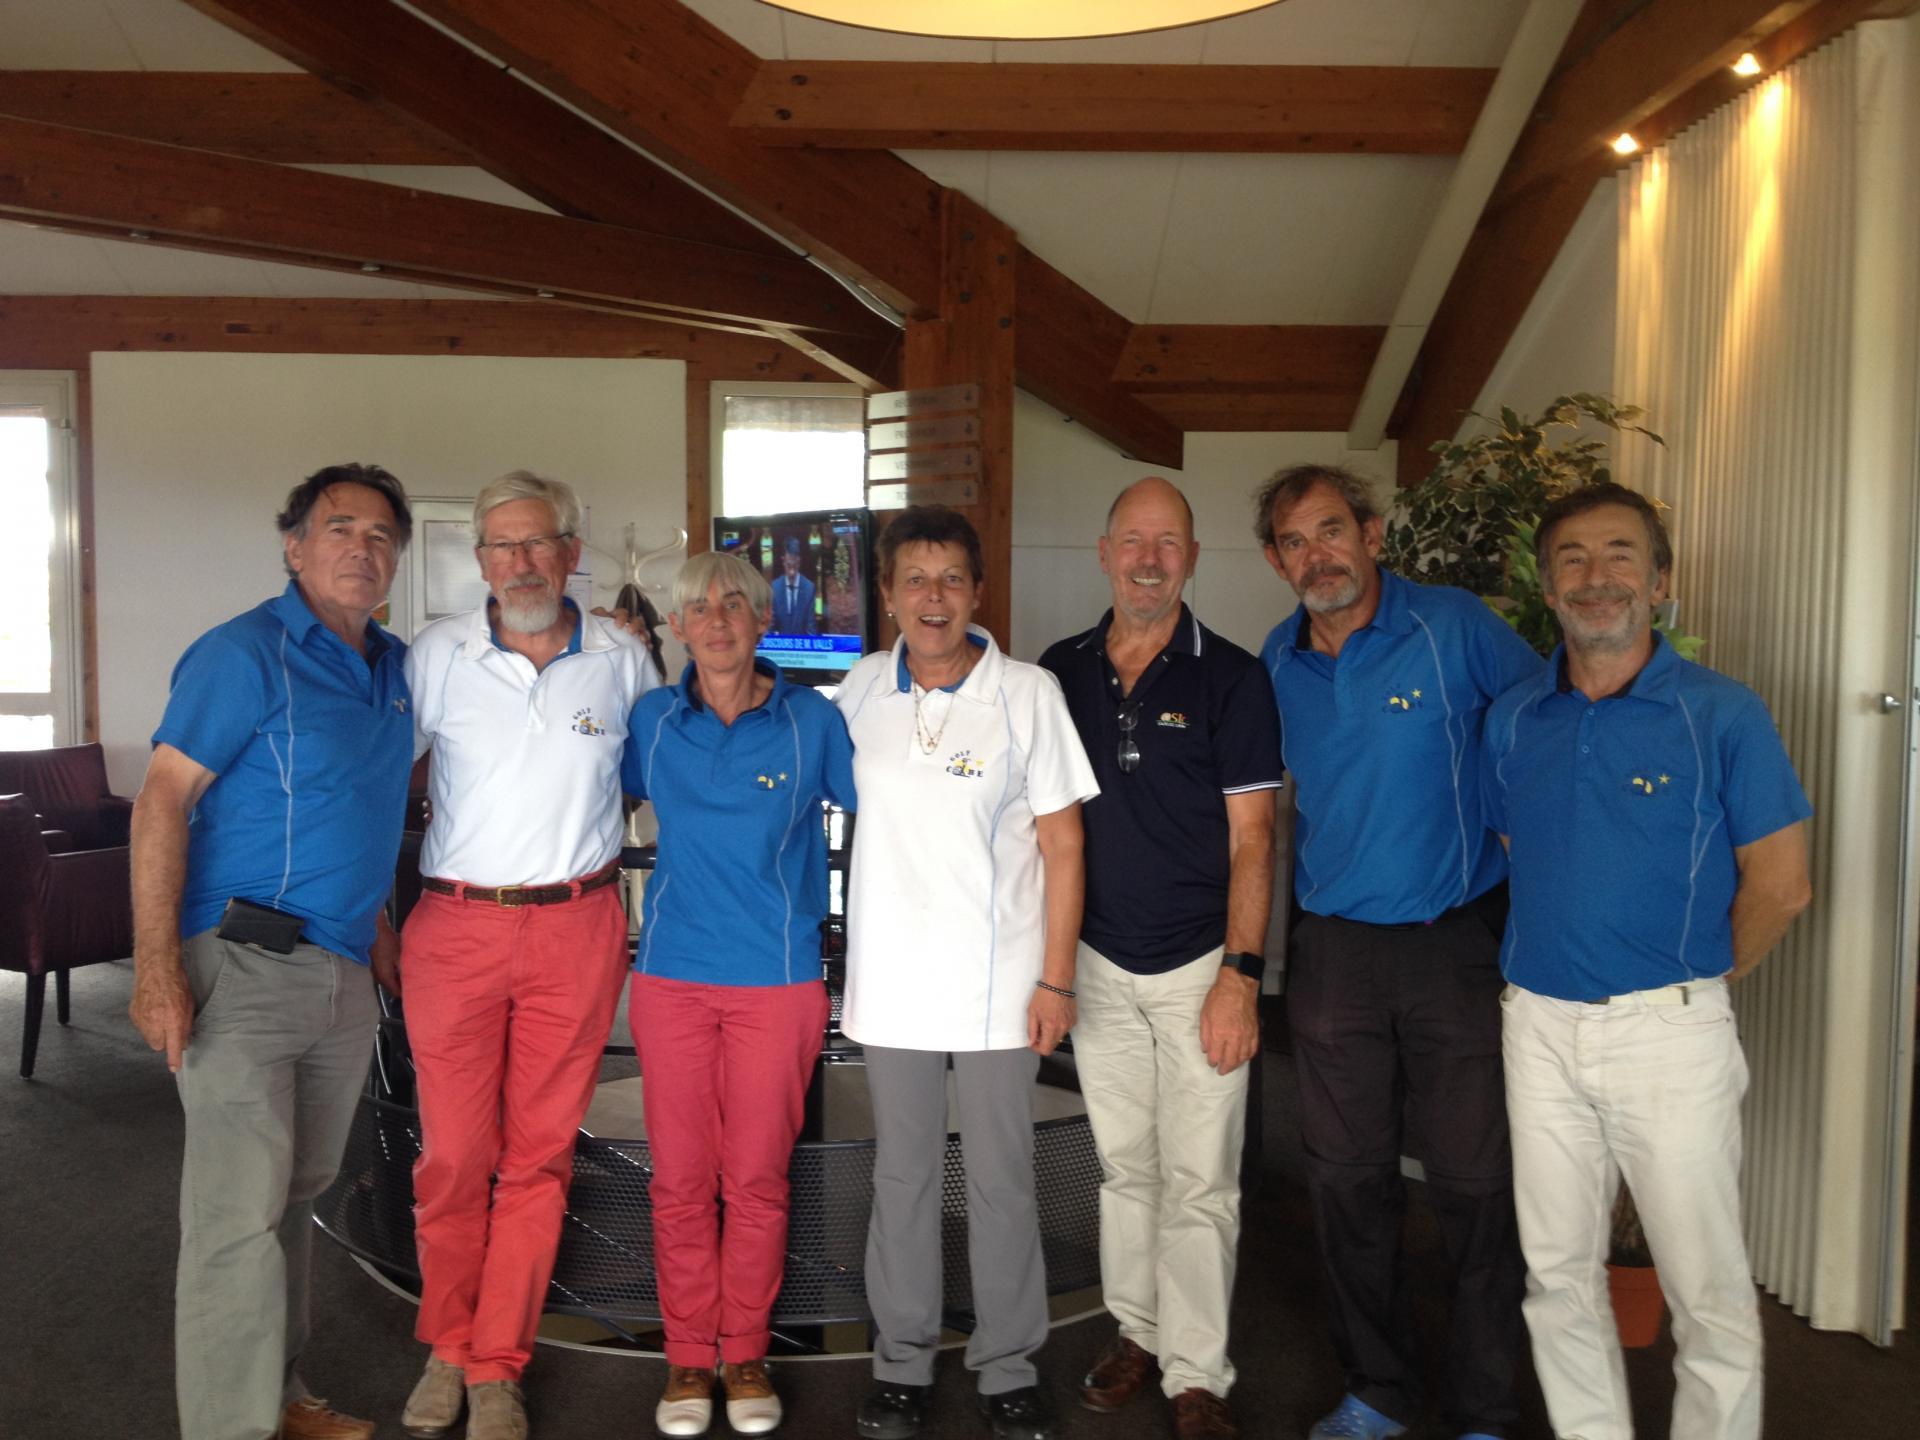 L'équipe COBE sans Quentin, avec l'organisateur Pierre ROLLAND